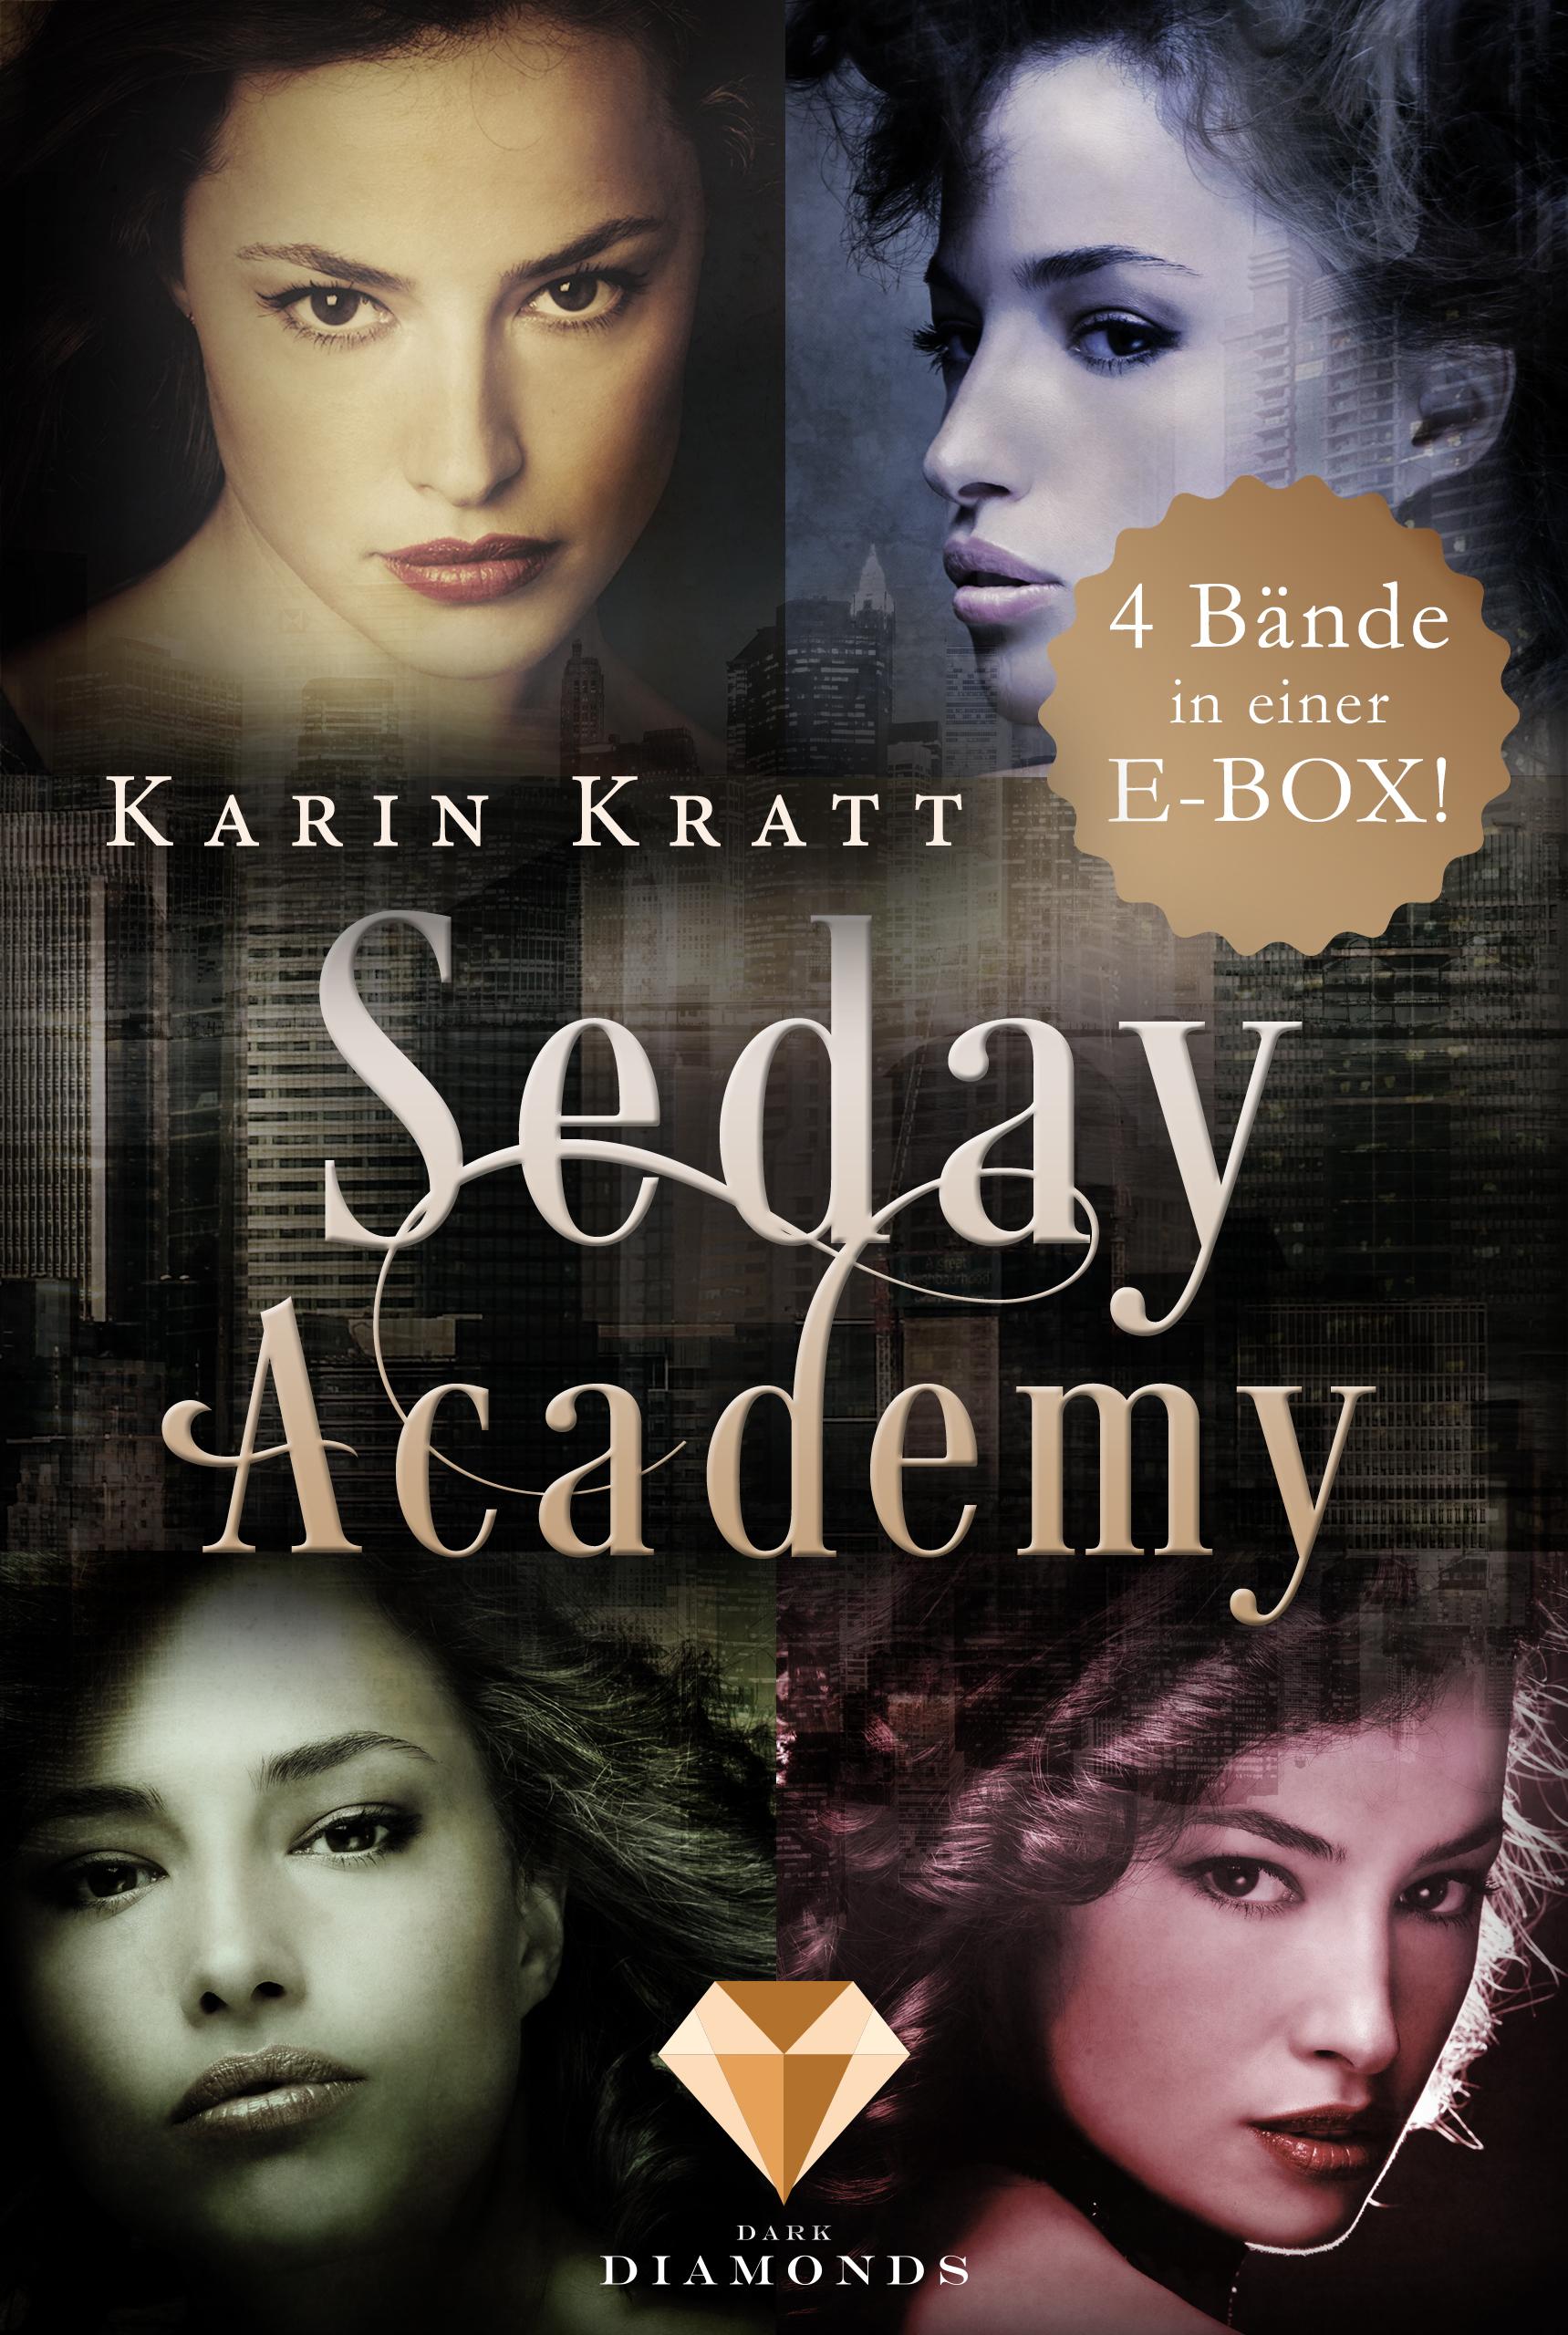 Karin Kratt – Die E-Box der erfolgreichen Fantasy-Reihe »Seday Academy«: Band 1-4 (Seday Academy )